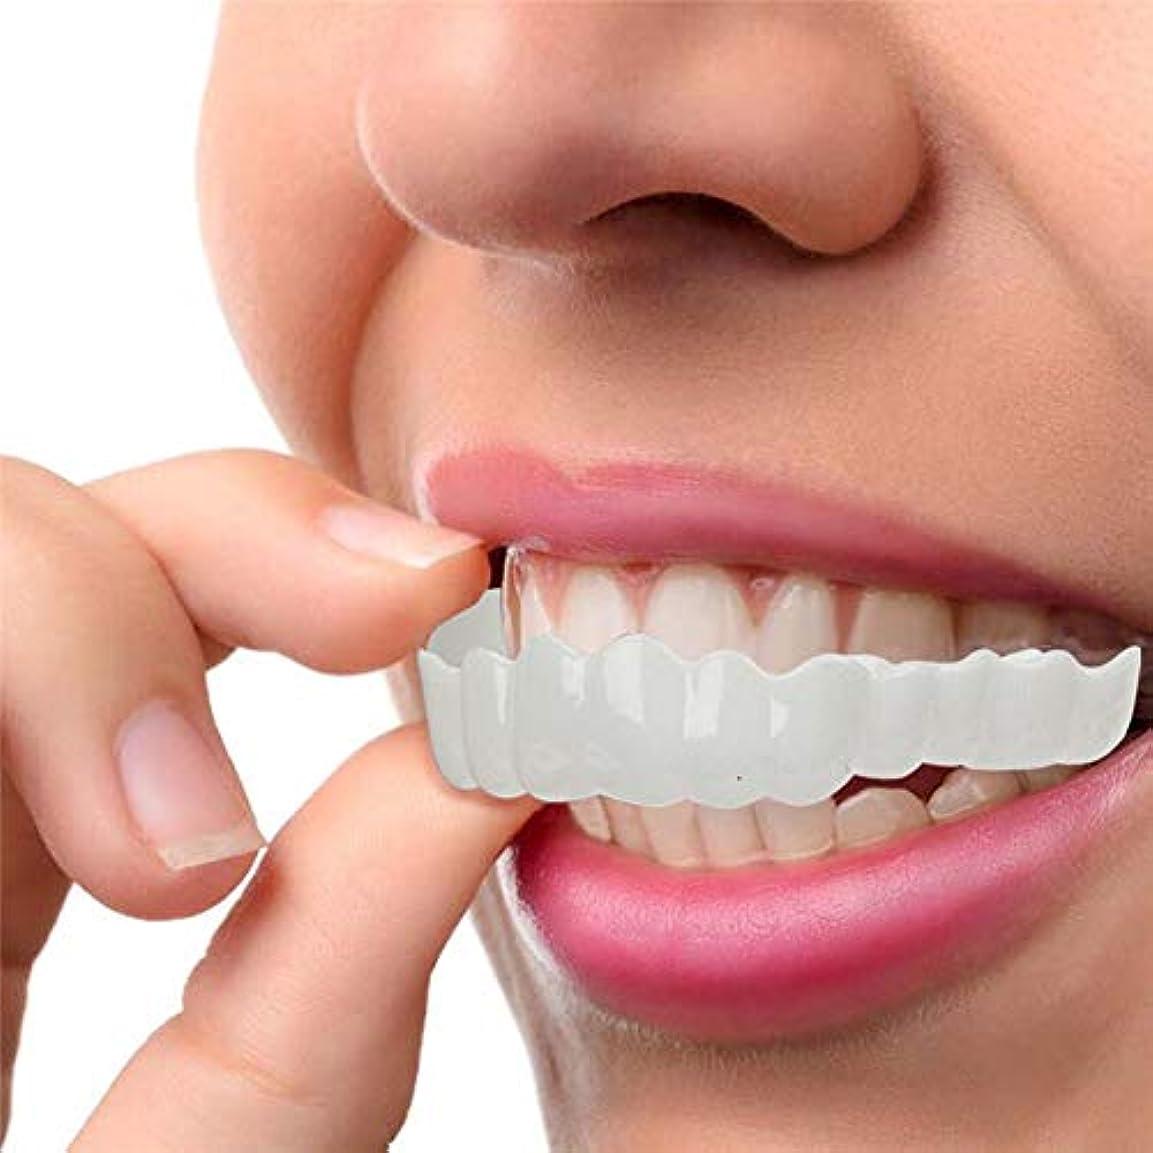 盲目オークランド民主主義化粧品の歯、白い歯をきれいにするための快適なフィットフレックス歯ソケット、超快適、快適なフィット感、5セット